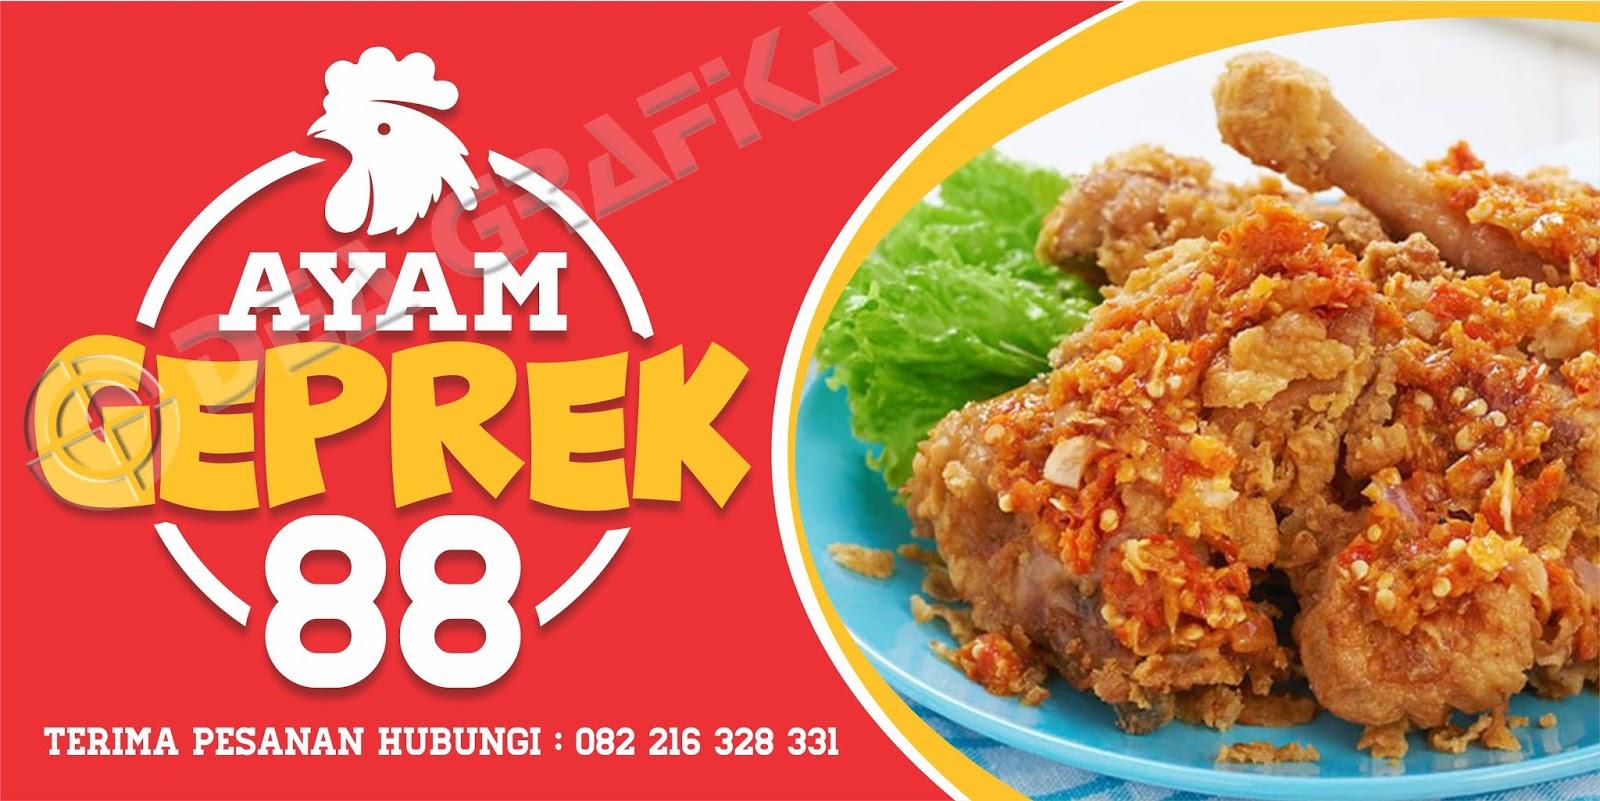 Spanduk Ayam Geprek 88 - PERCETAKAN DEA GRAFIKA SUBANG